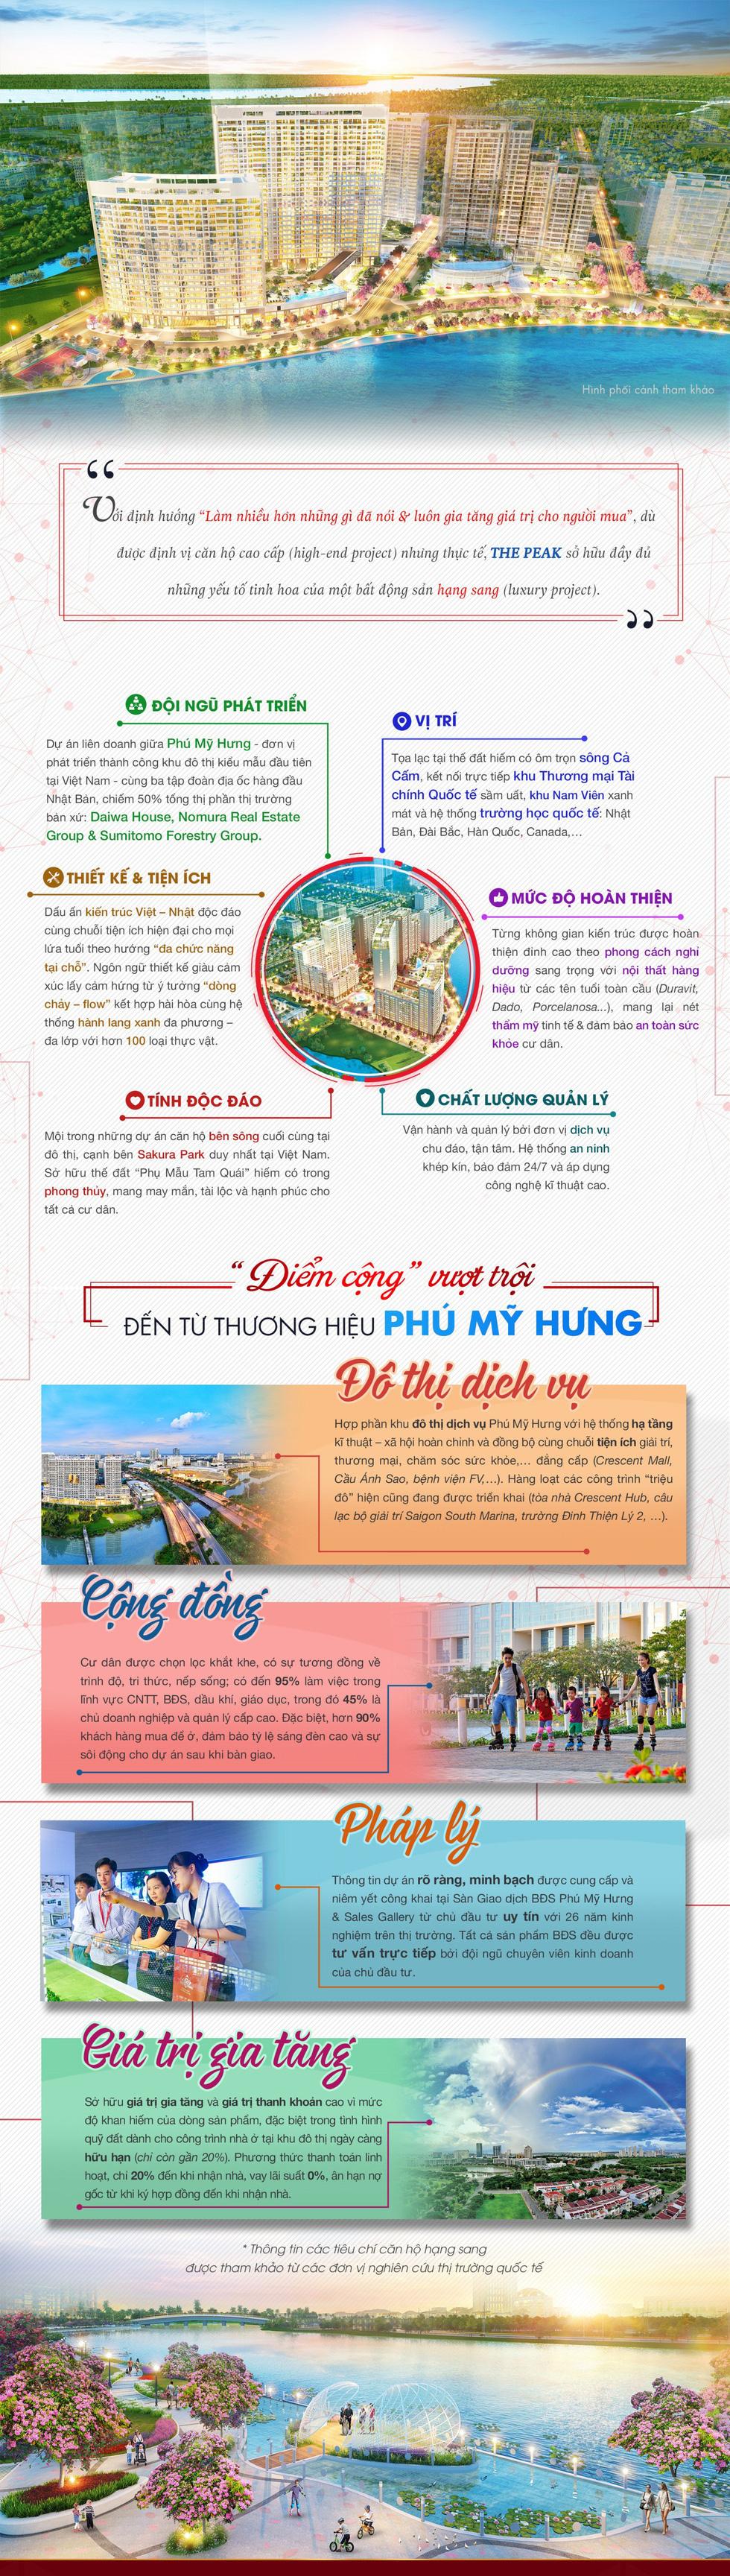 Phú Mỹ Hưng mở bán toà nhà view toàn cảnh đô thị - Ảnh 3.